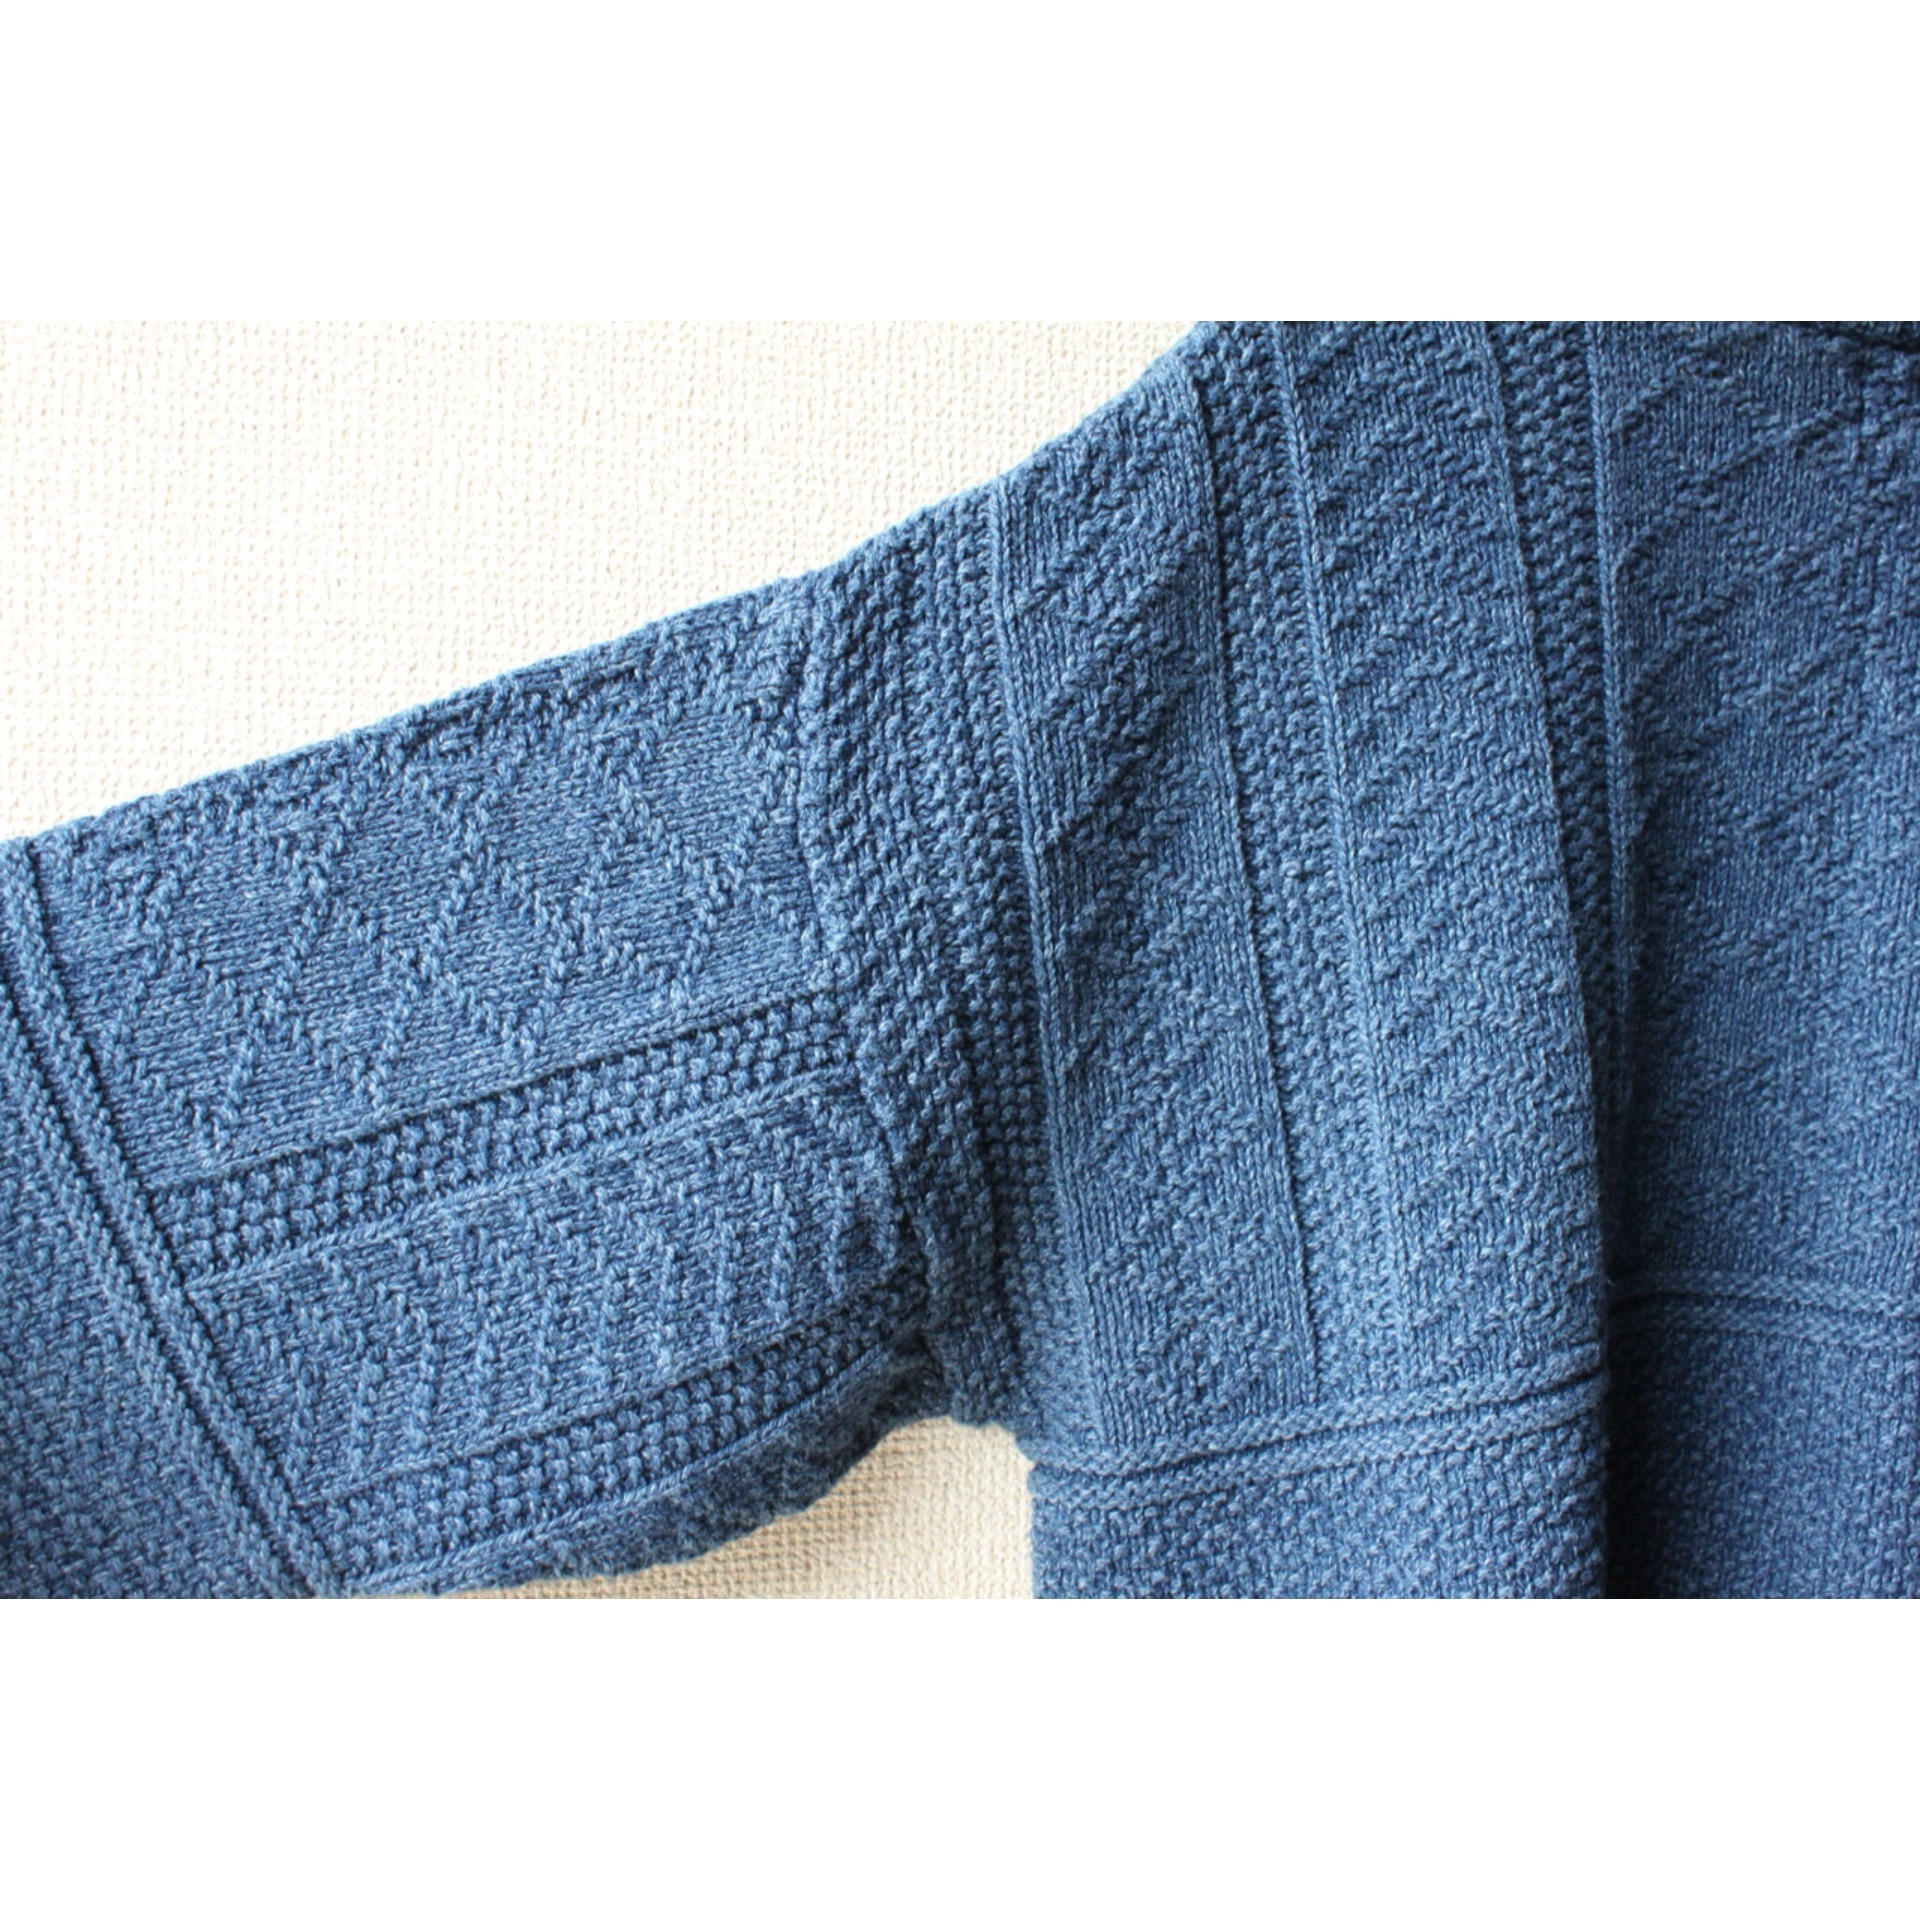 Vintage indigo cotton sweater by Eddie Bauer